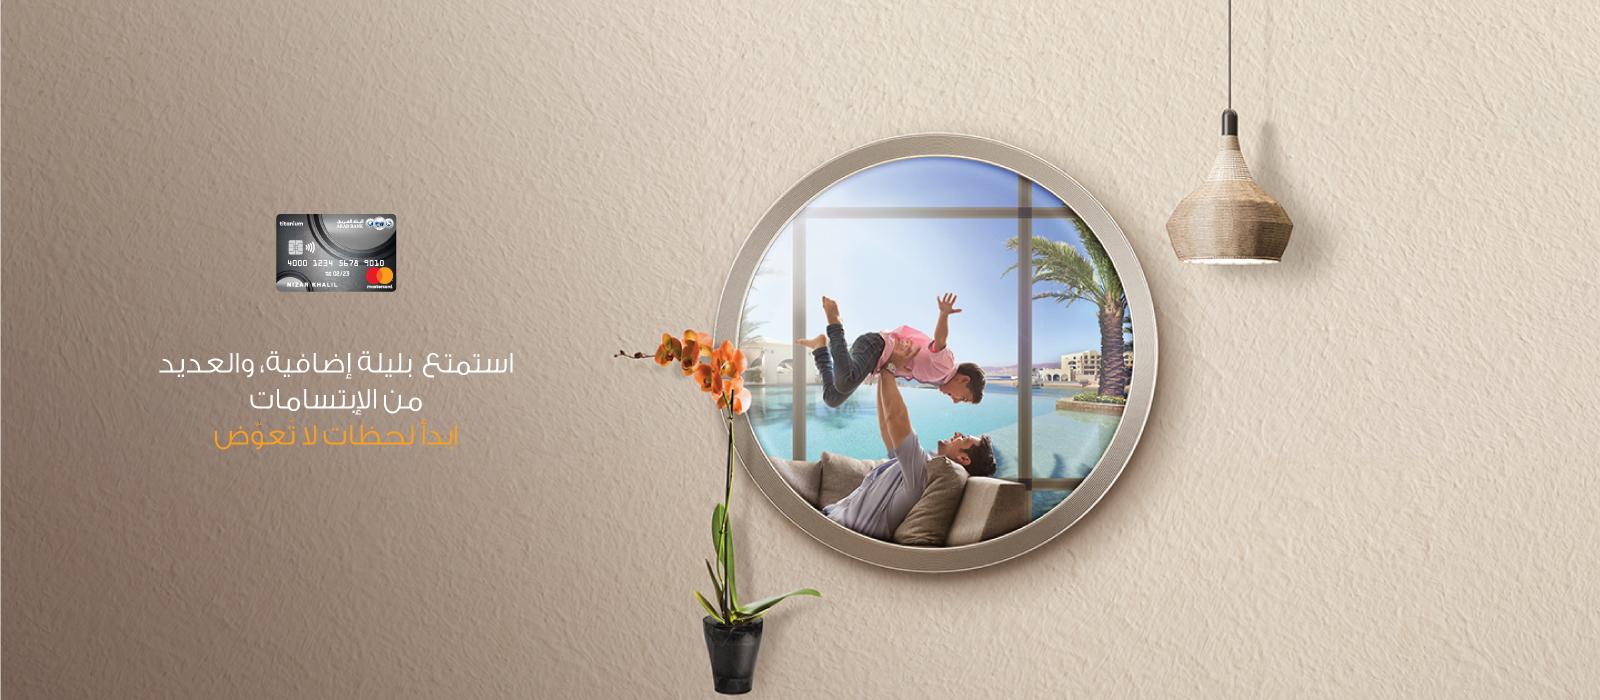 Marriott-MasterCard1600x700-Egypt-A